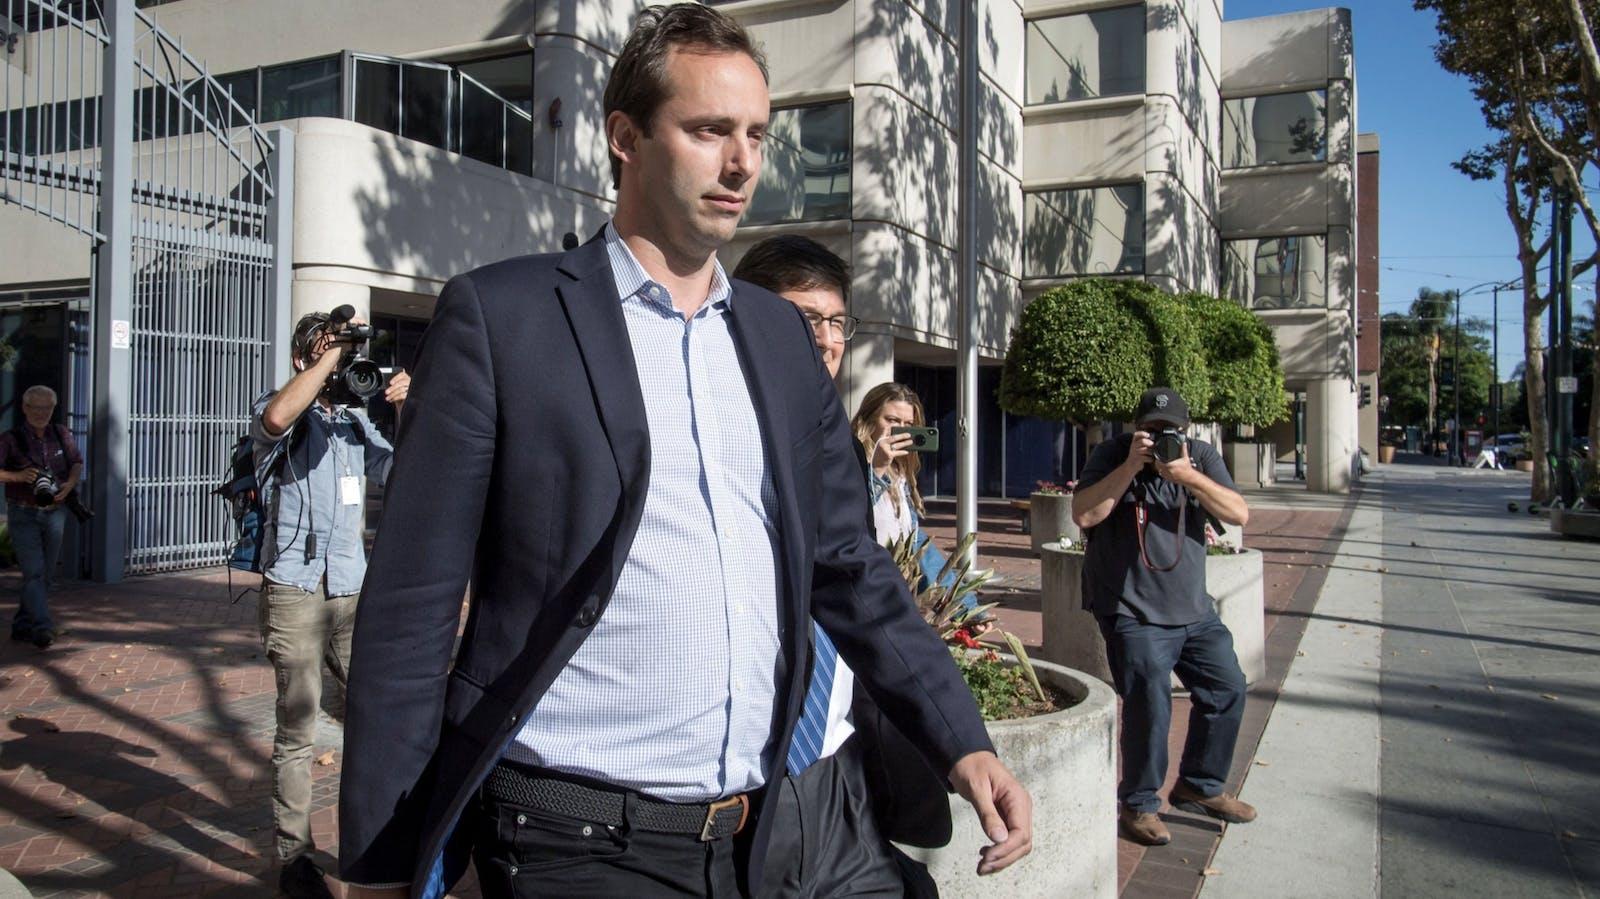 Anthony Levandowski. Photo by Bloomberg.